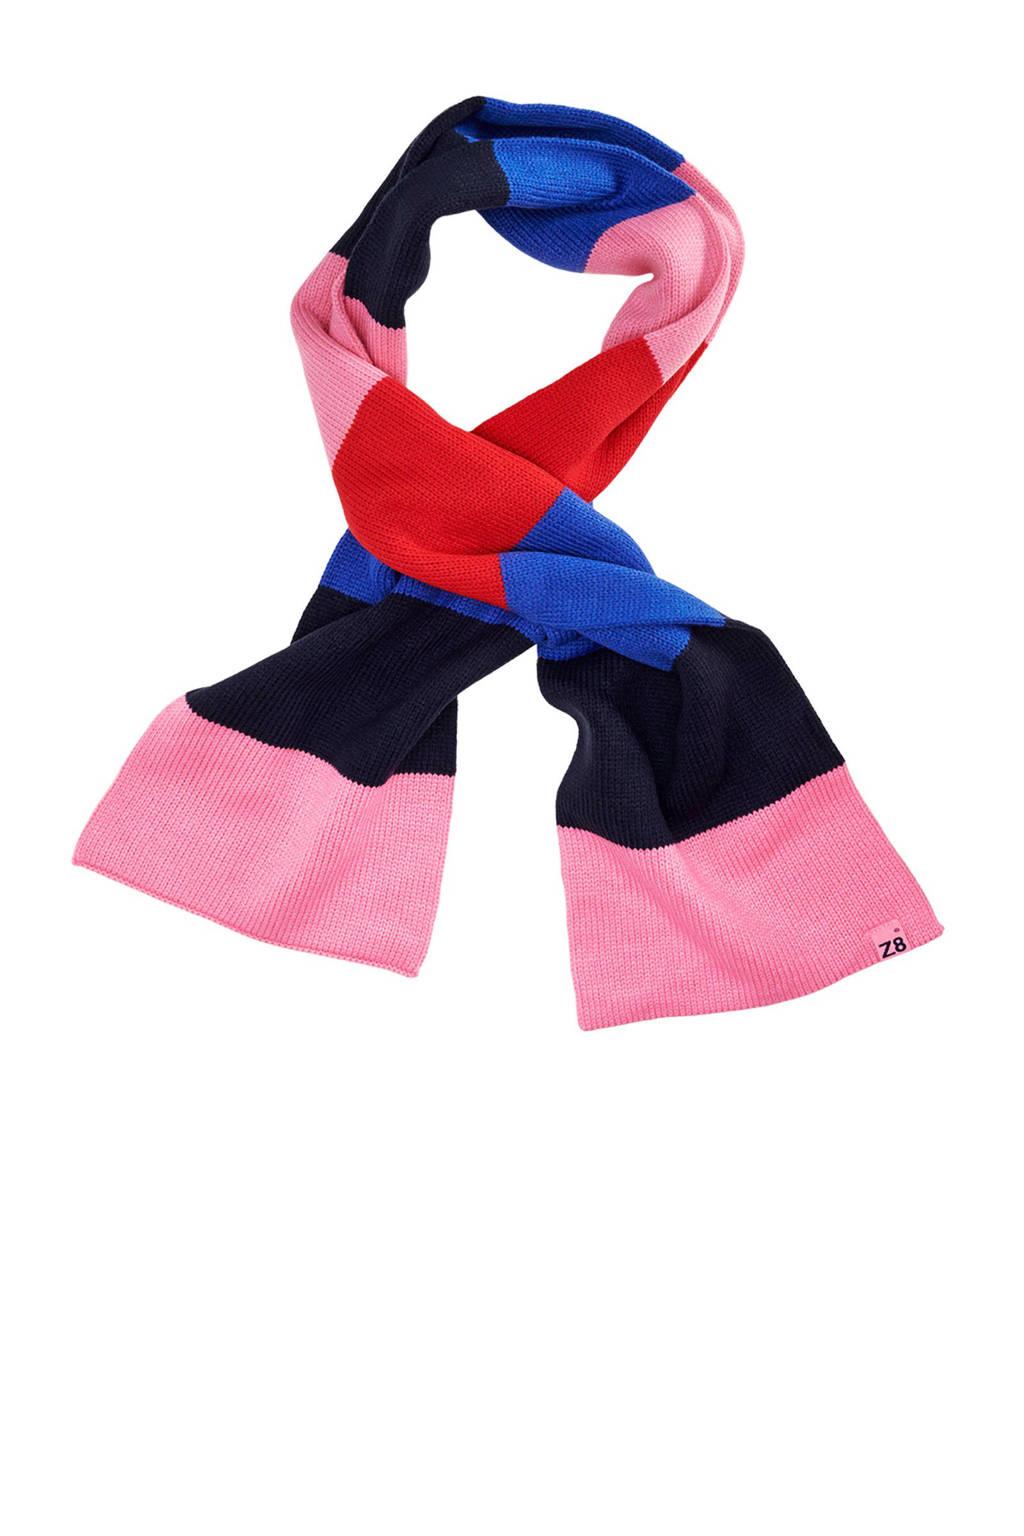 Z8 gestreepte sjaal Pippa, Roze